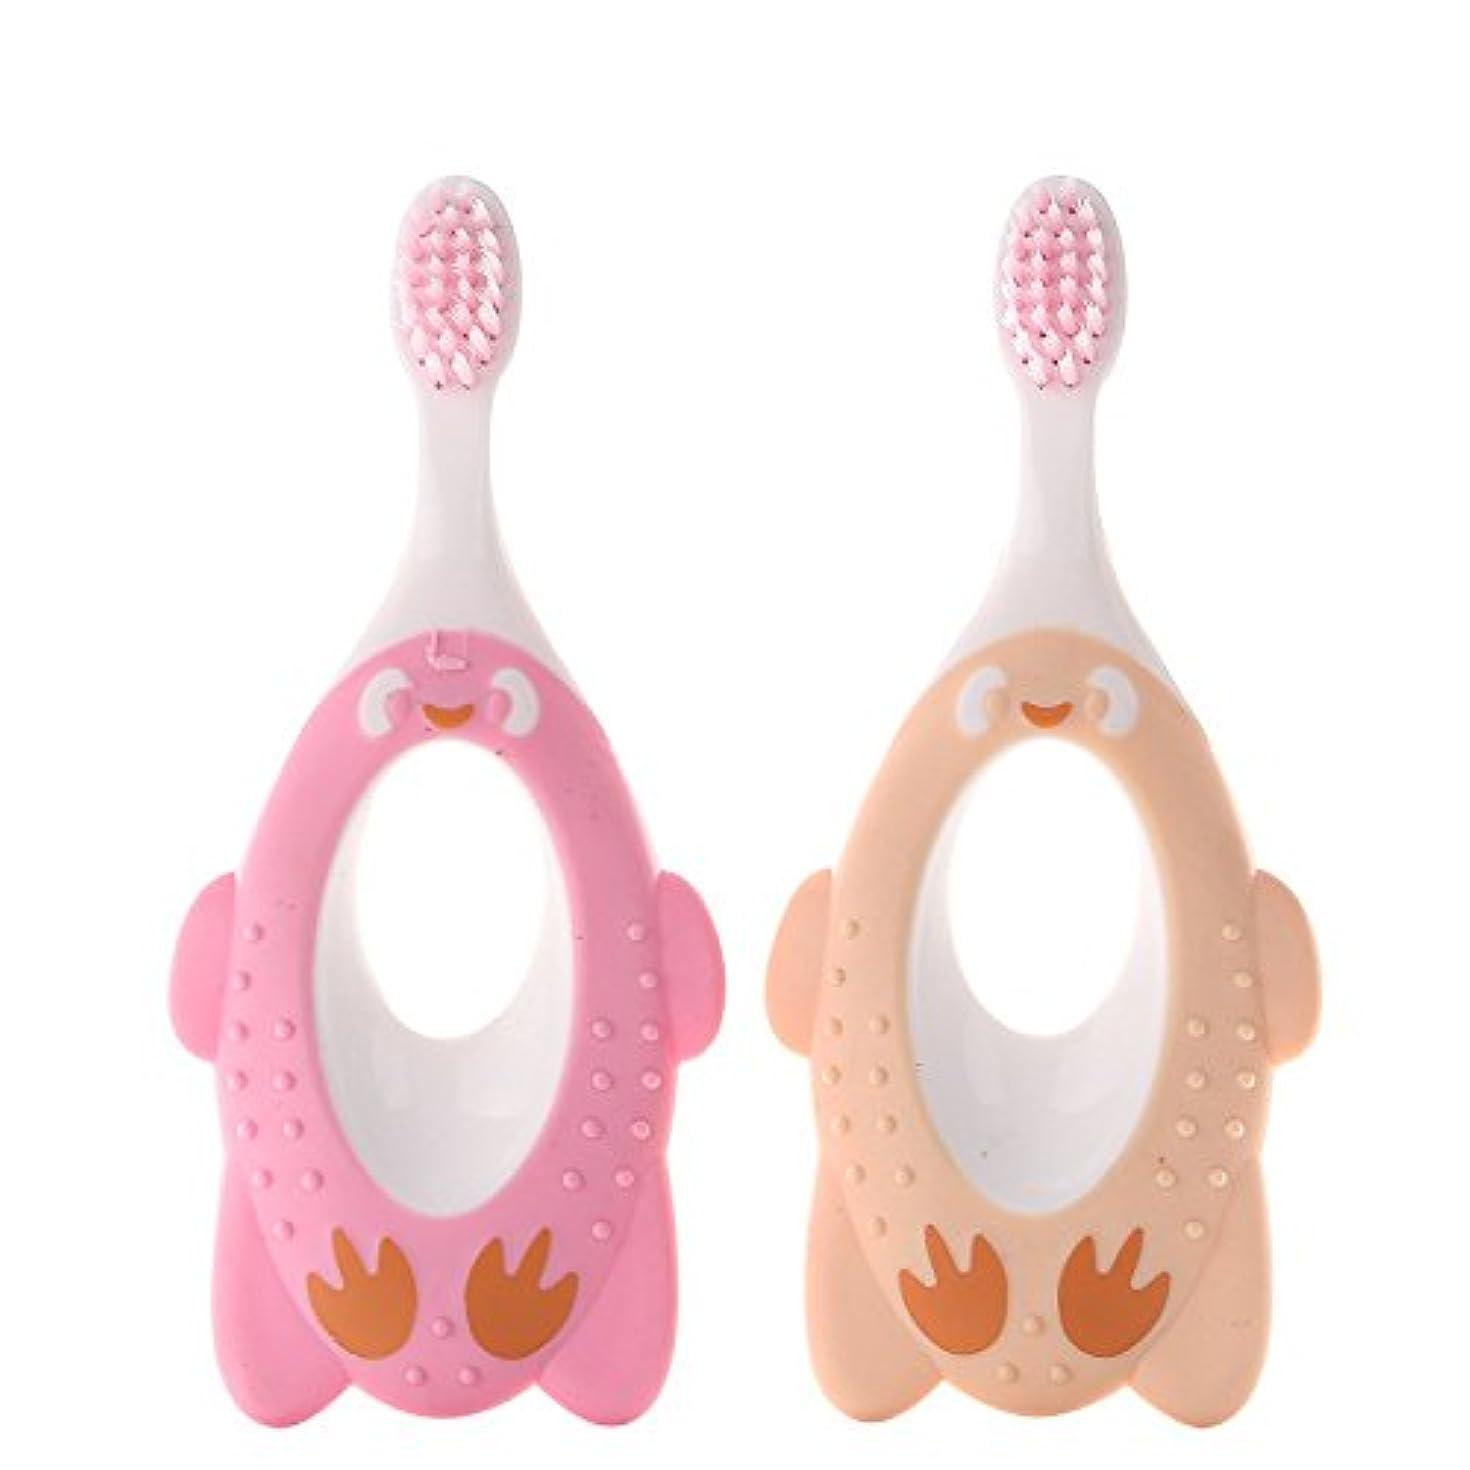 測定可能同化揃えるLiebeye 赤ちゃん 歯ブラシ かわいい漫画 柔らかい毛の口腔ケア ツール 練習 歯ブラシ ランダムな色